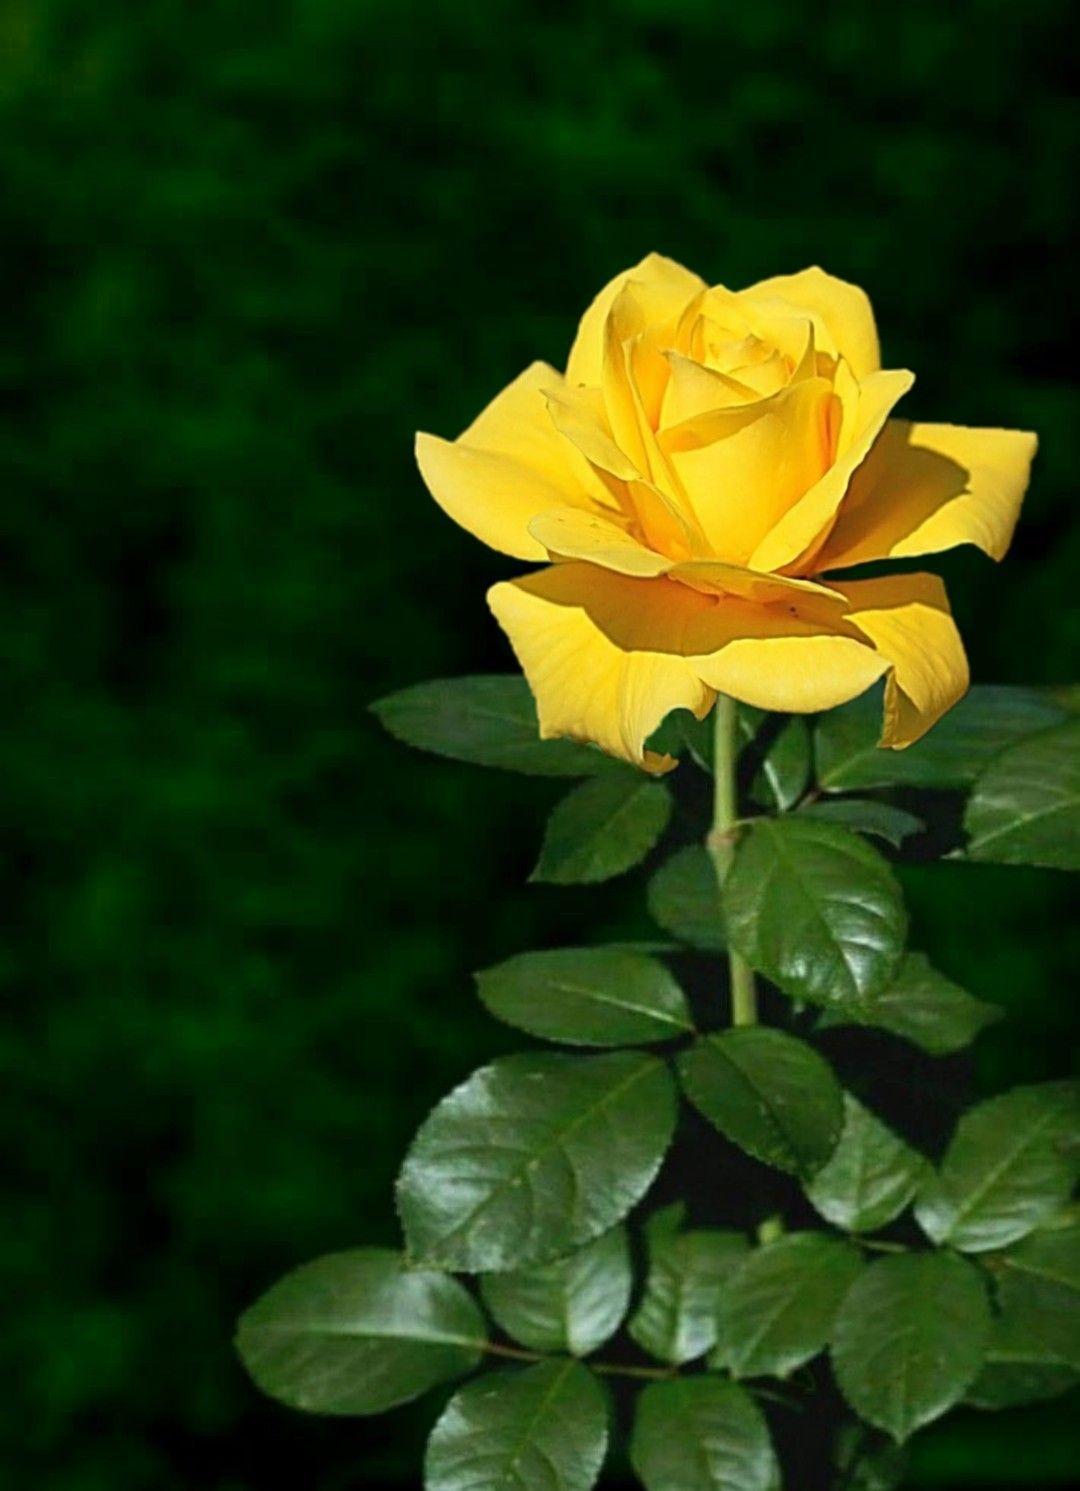 Pin De سيد حمـدان Em 1 A File General Belas Fotos De Flores Flores Bonitas Rosas Lindas